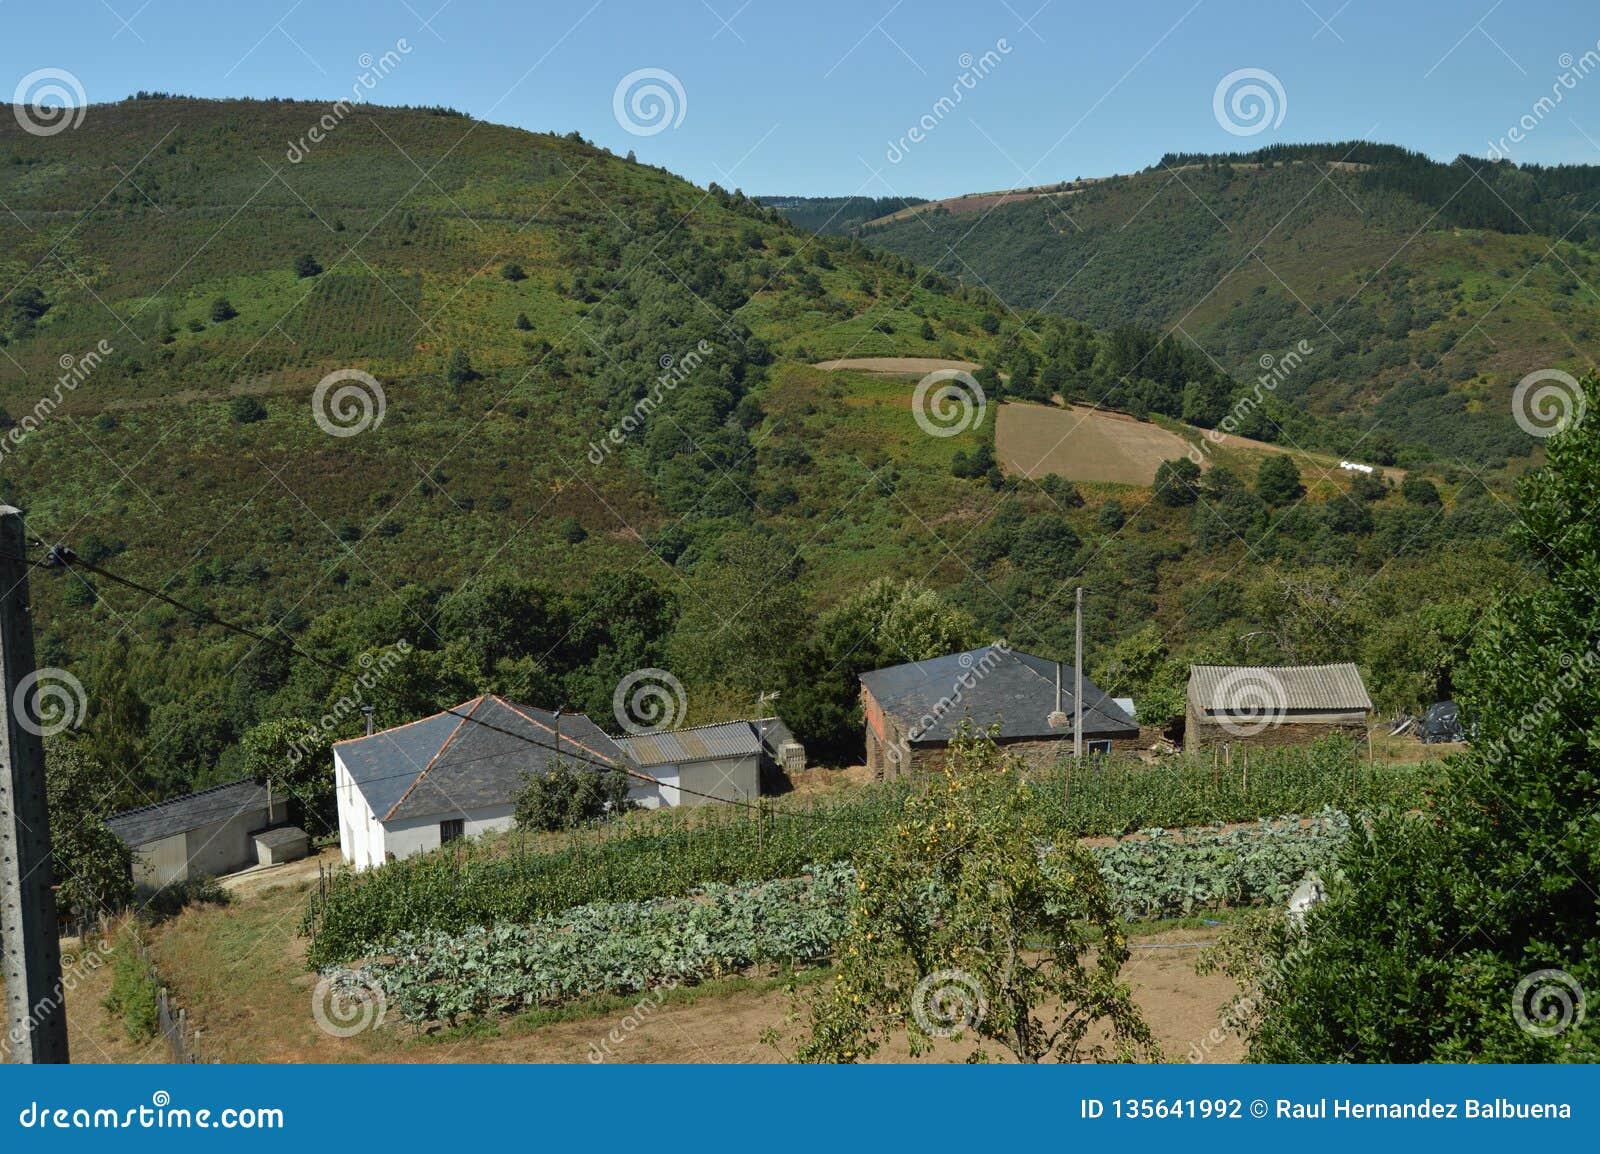 Vistas aéreas hermosas del pueblo de Villardoi en el campo de Galicia Naturaleza, paisajes, botánica, viaje 2 de agosto de 2015